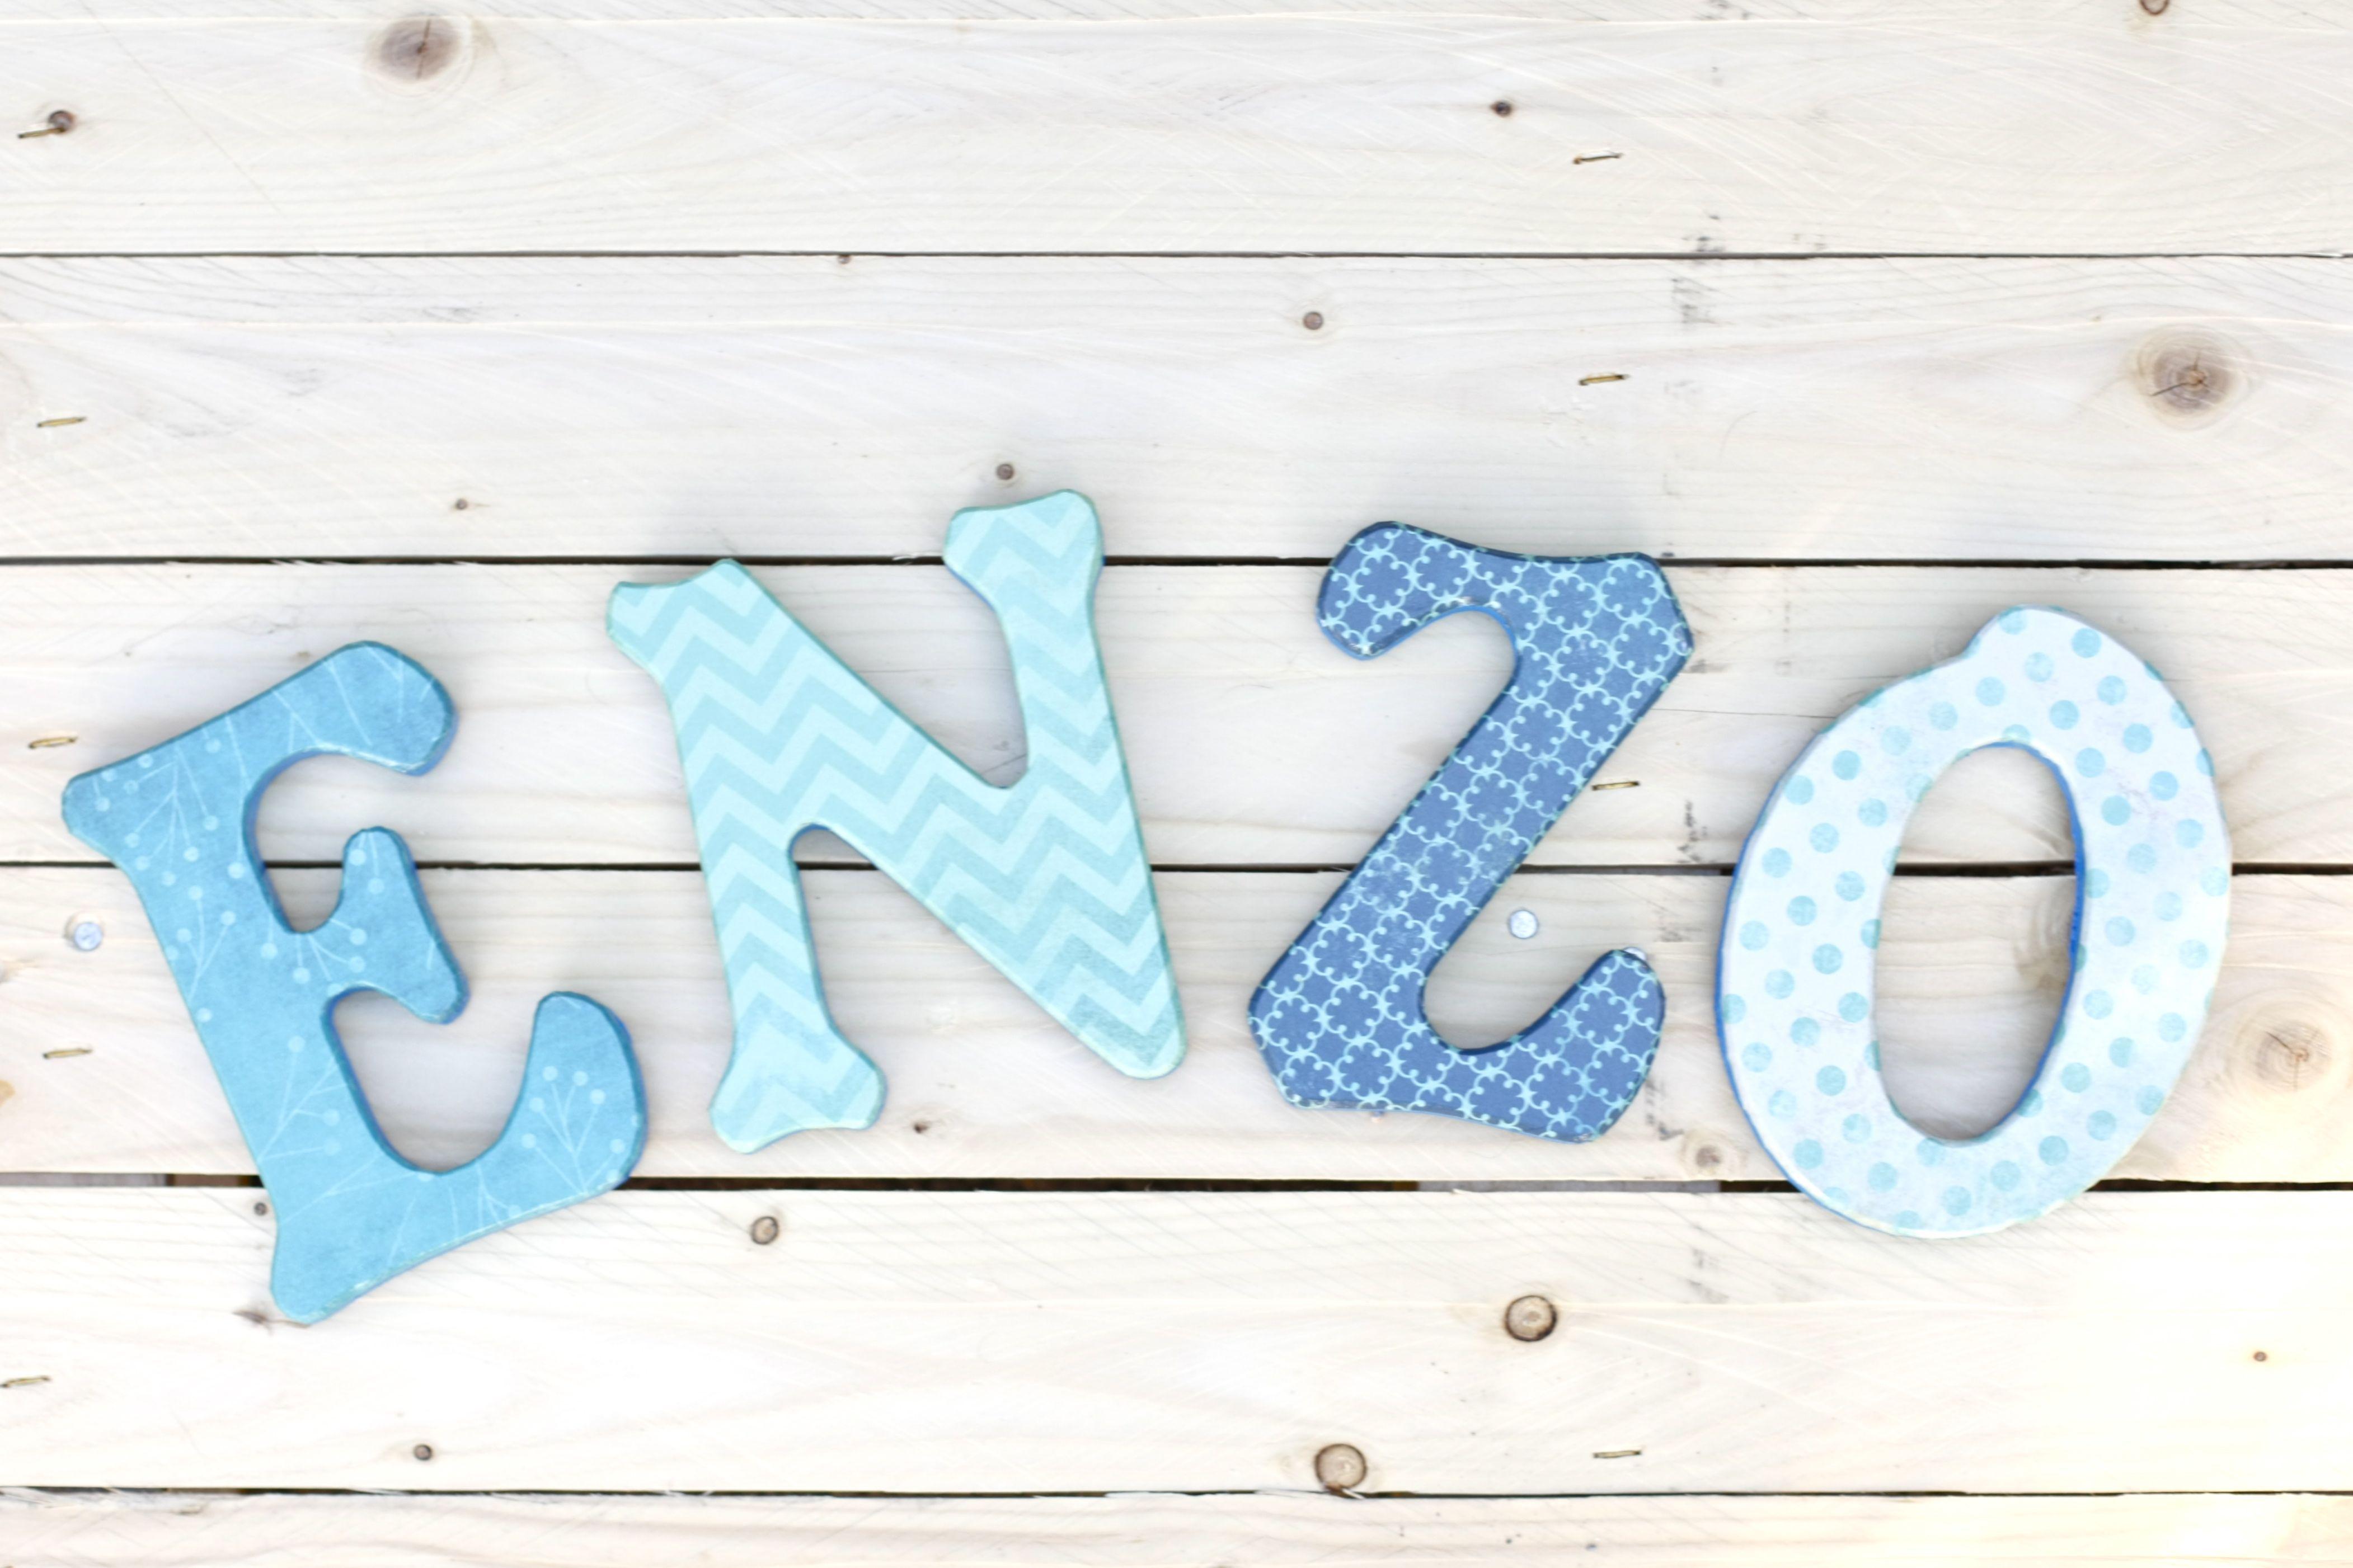 Letras de madera para decorar tus paredes letras y - Letras para decorar ...